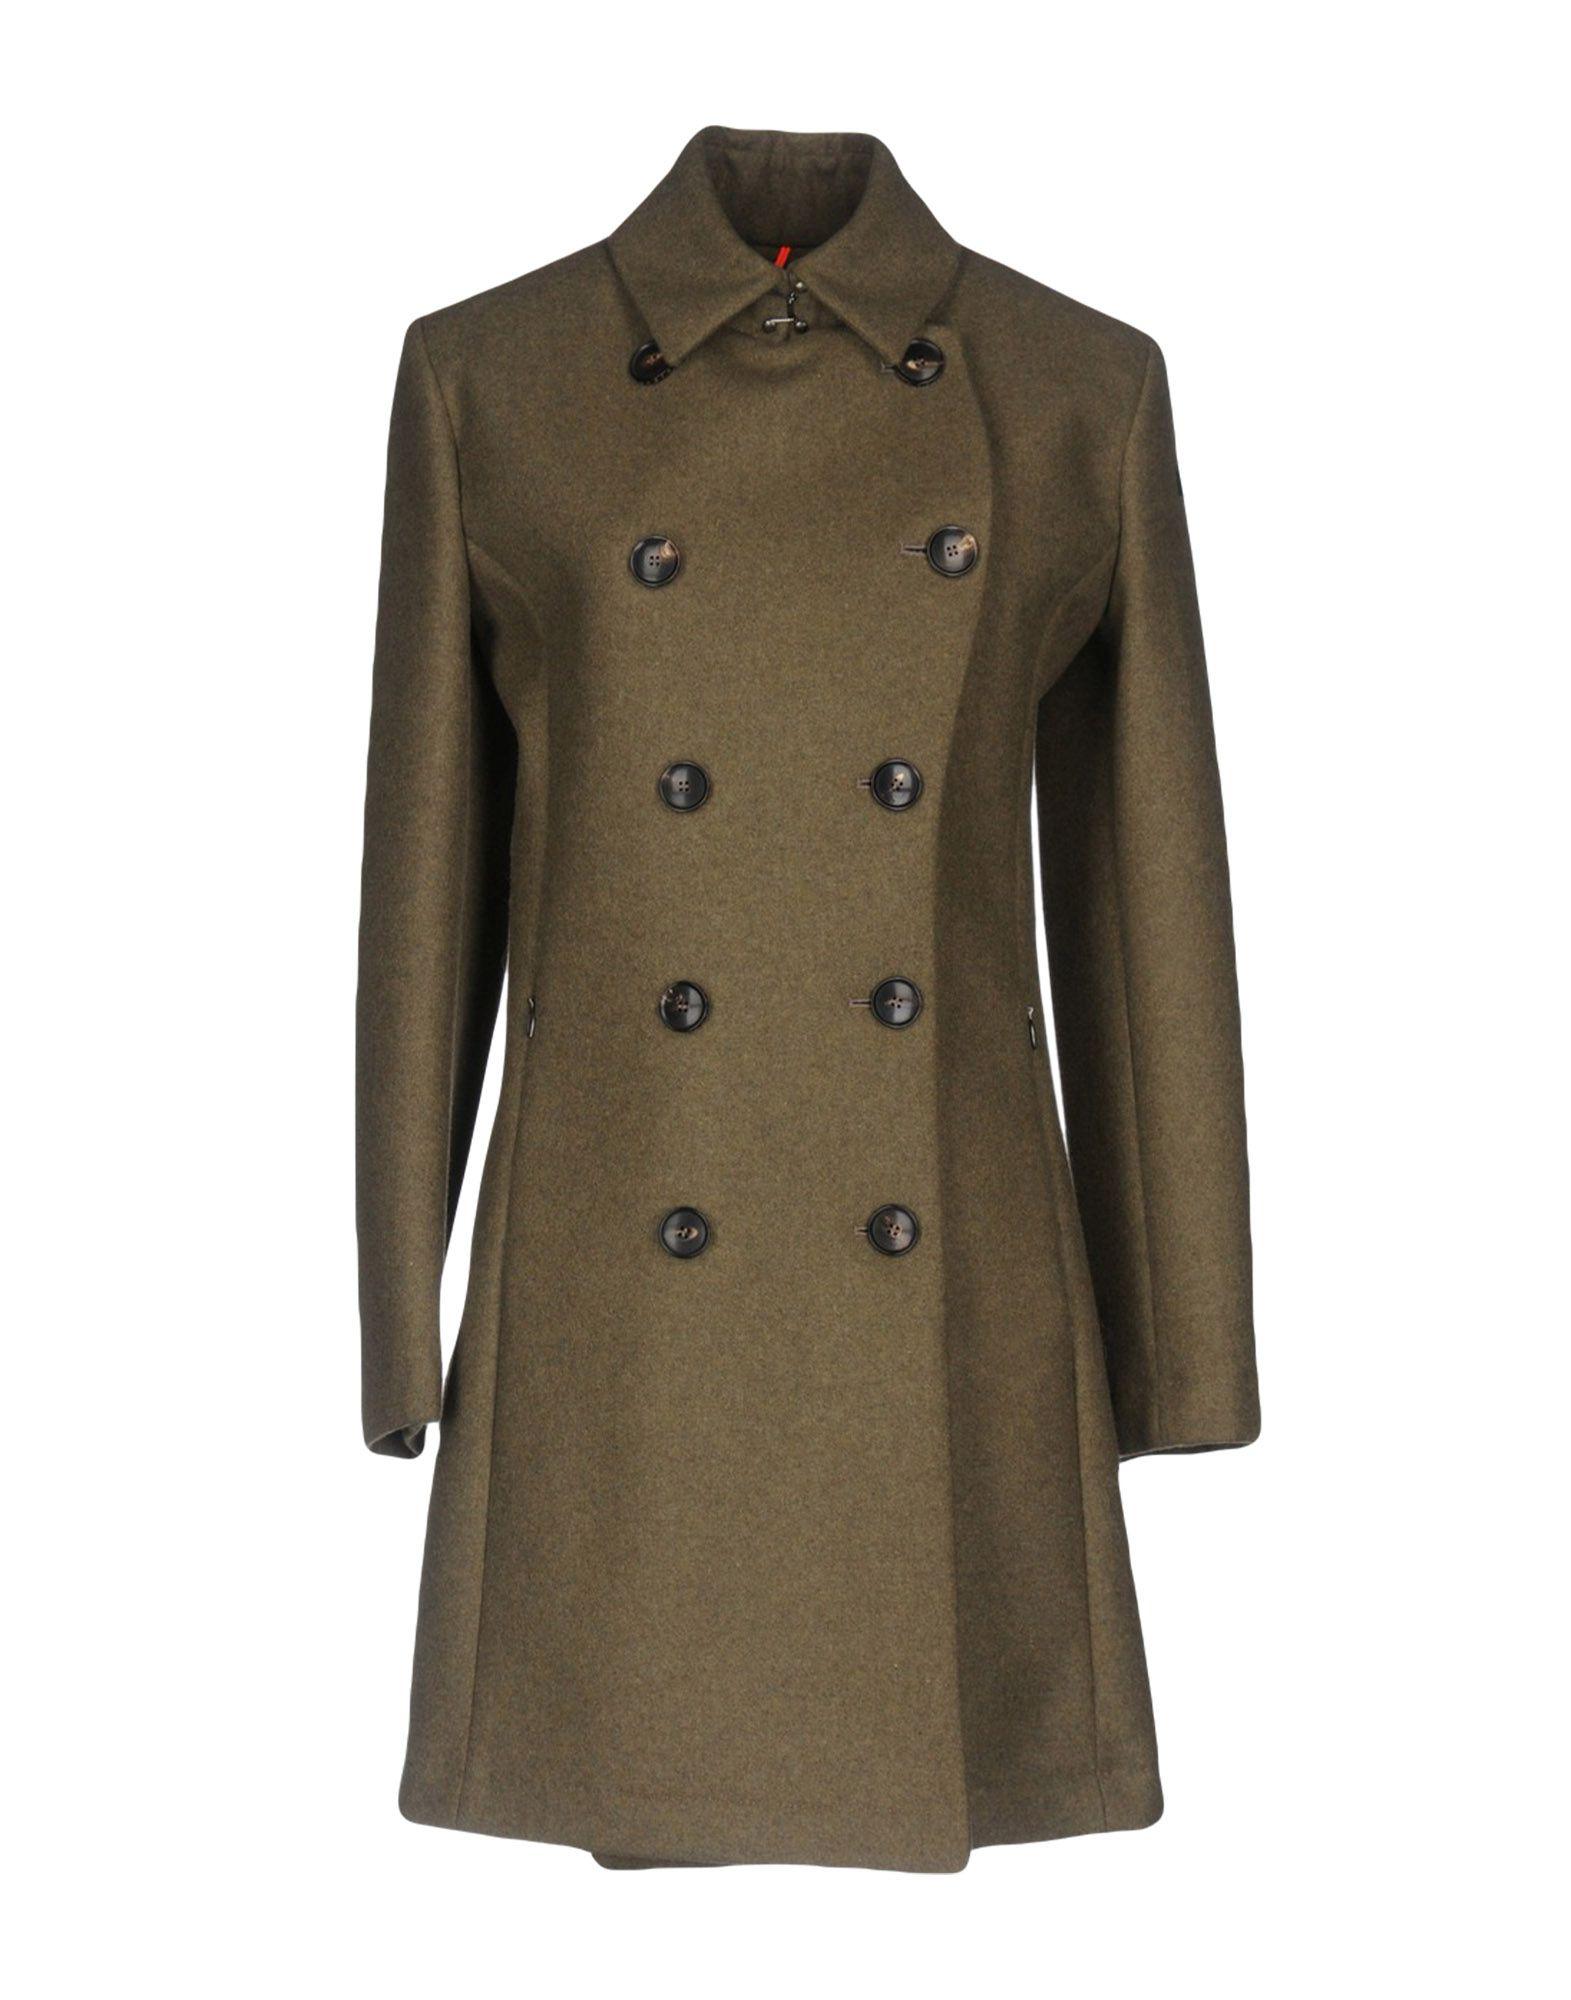 RRD Damen Mantel Farbe Militärgrün Größe 7 - broschei